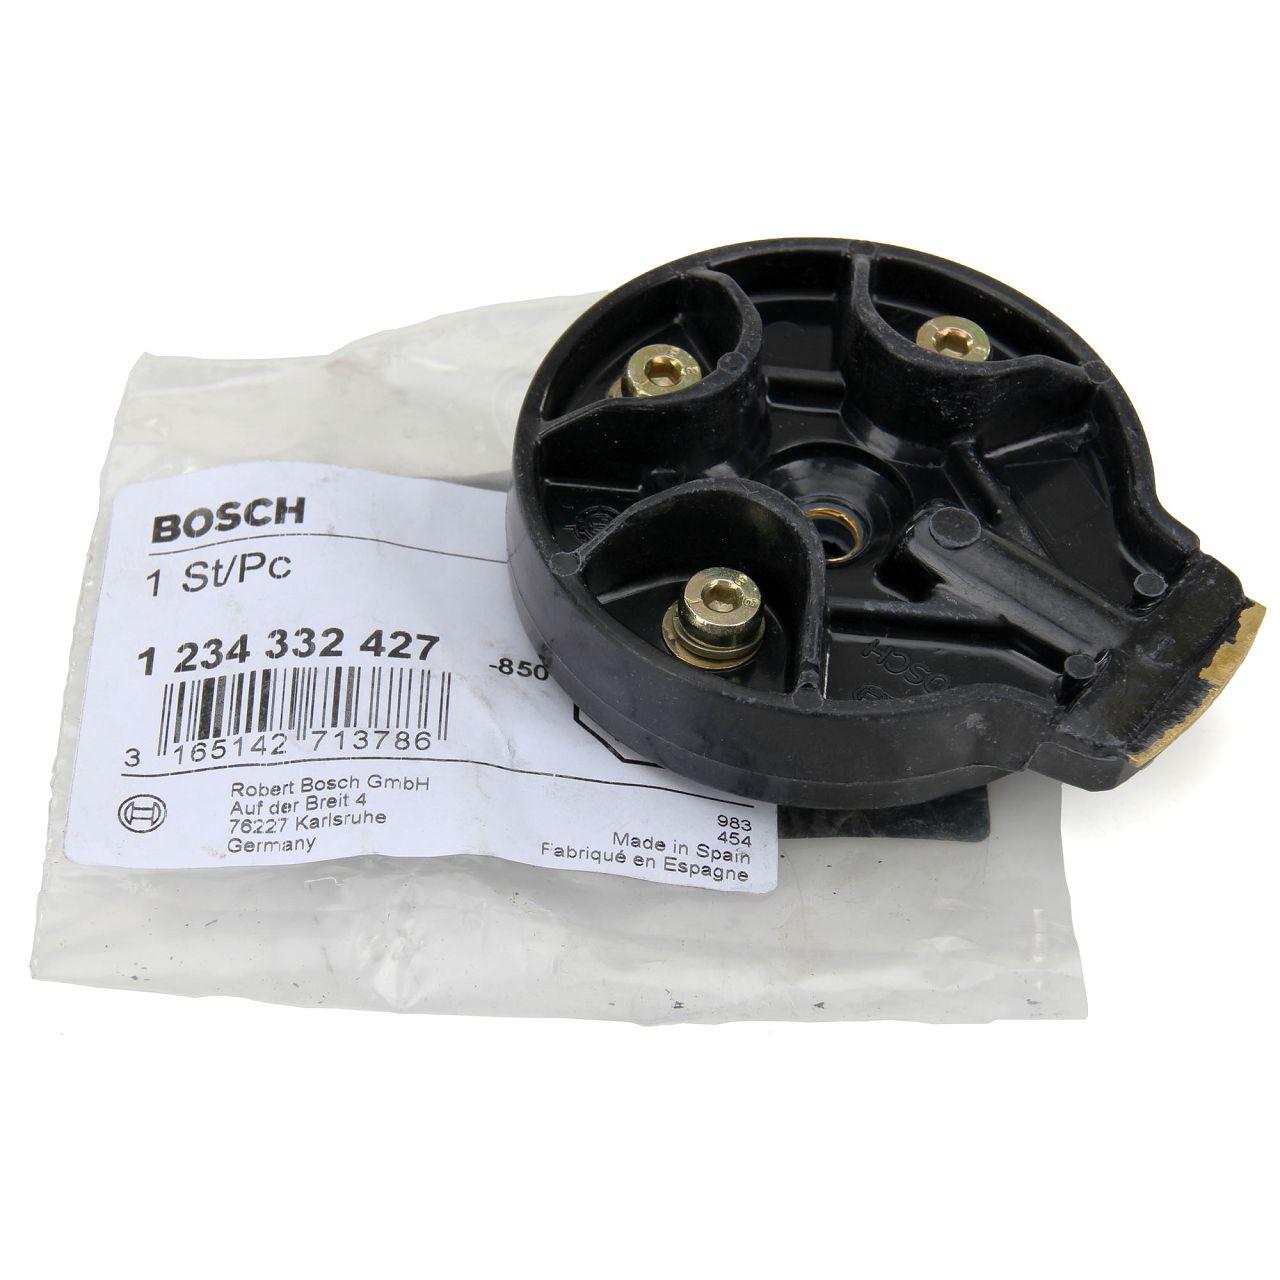 BOSCH 1234332427 Zündverteiler Verteilerläufer für Mercedes W124 W126 W140 R129